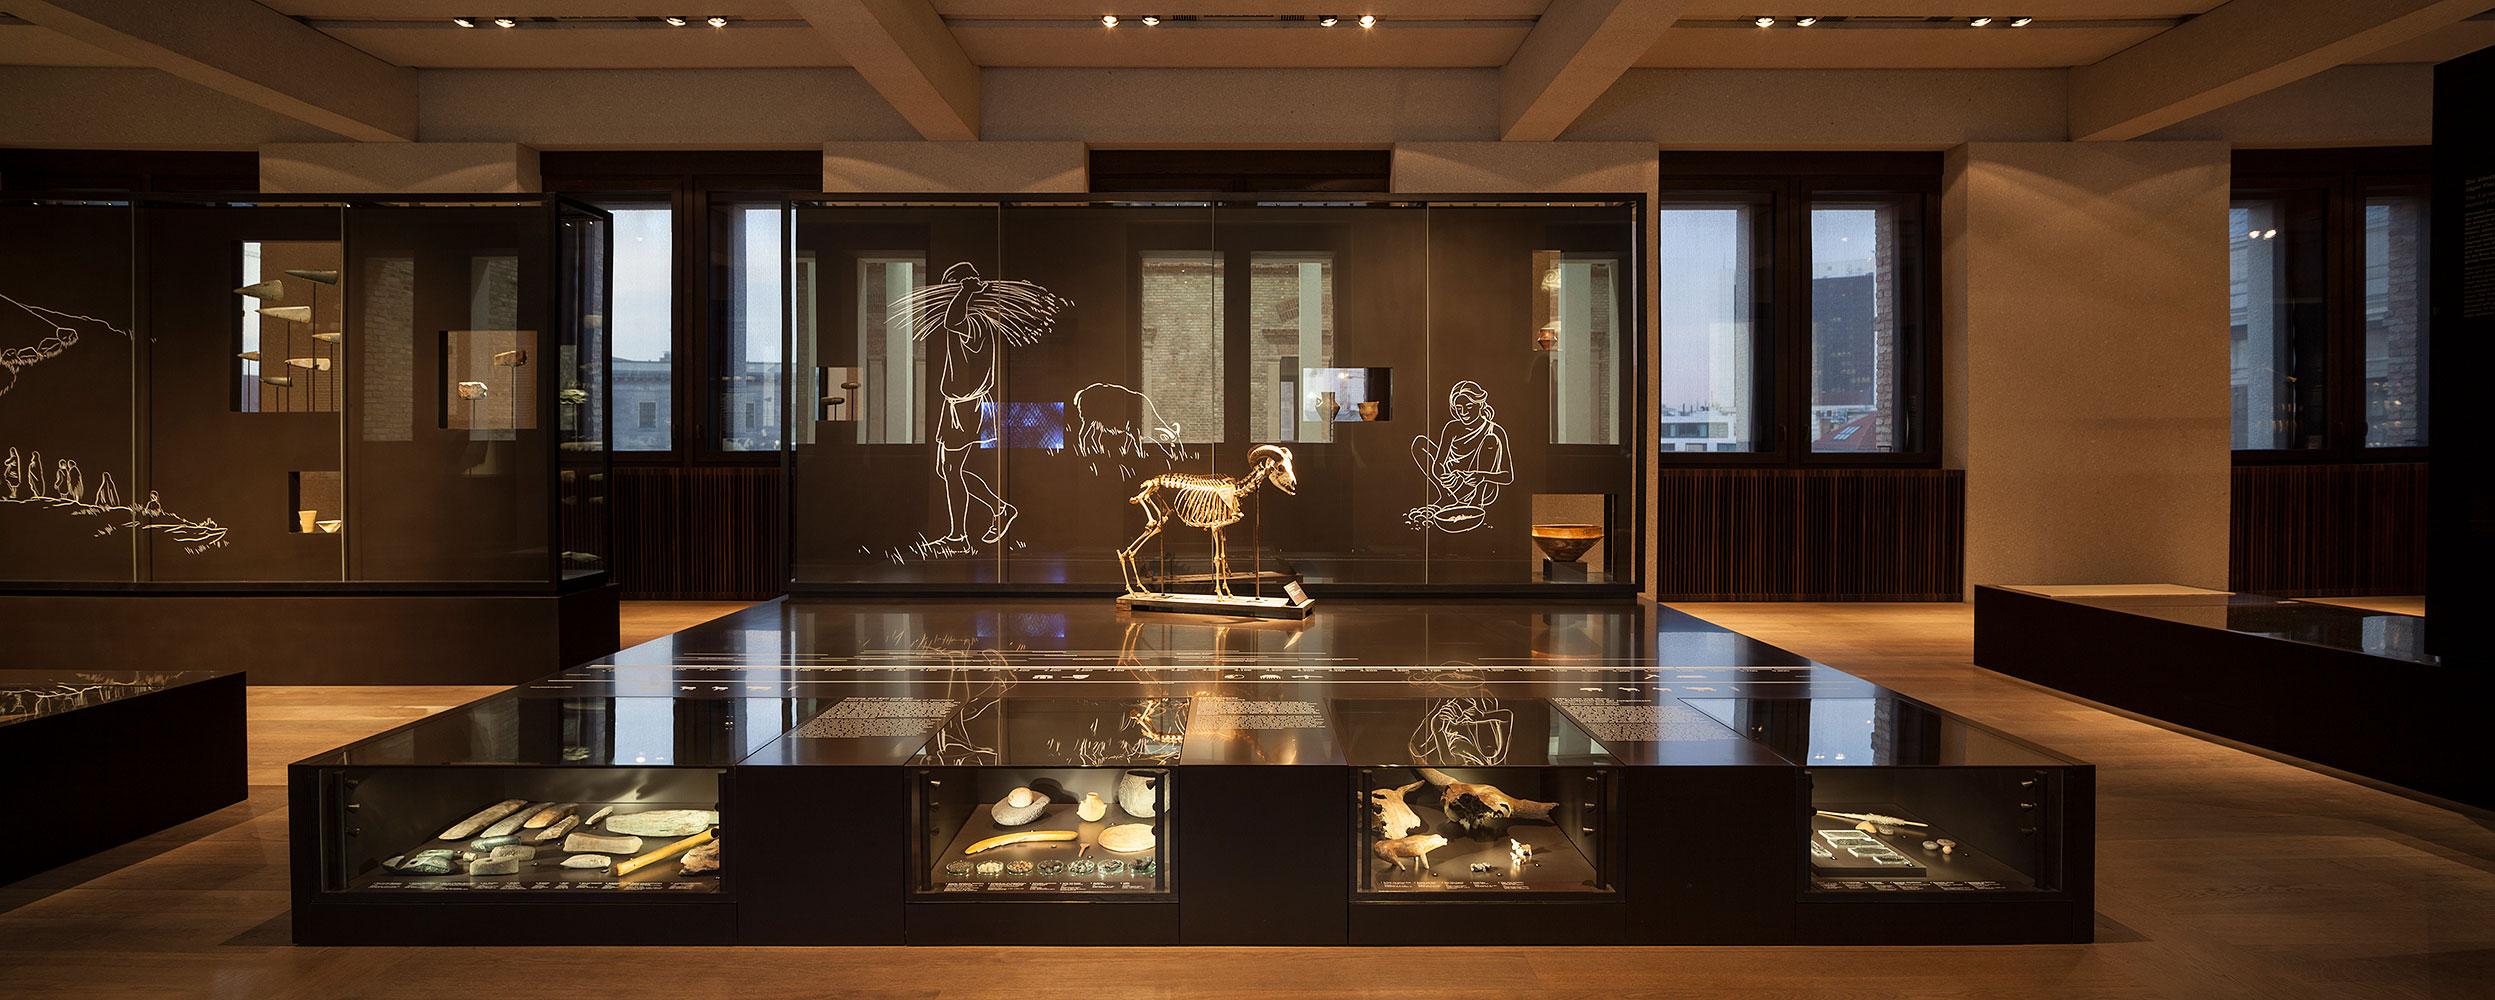 Neues Museum, Museum für Vor- und Frühgeschichte, Berlin